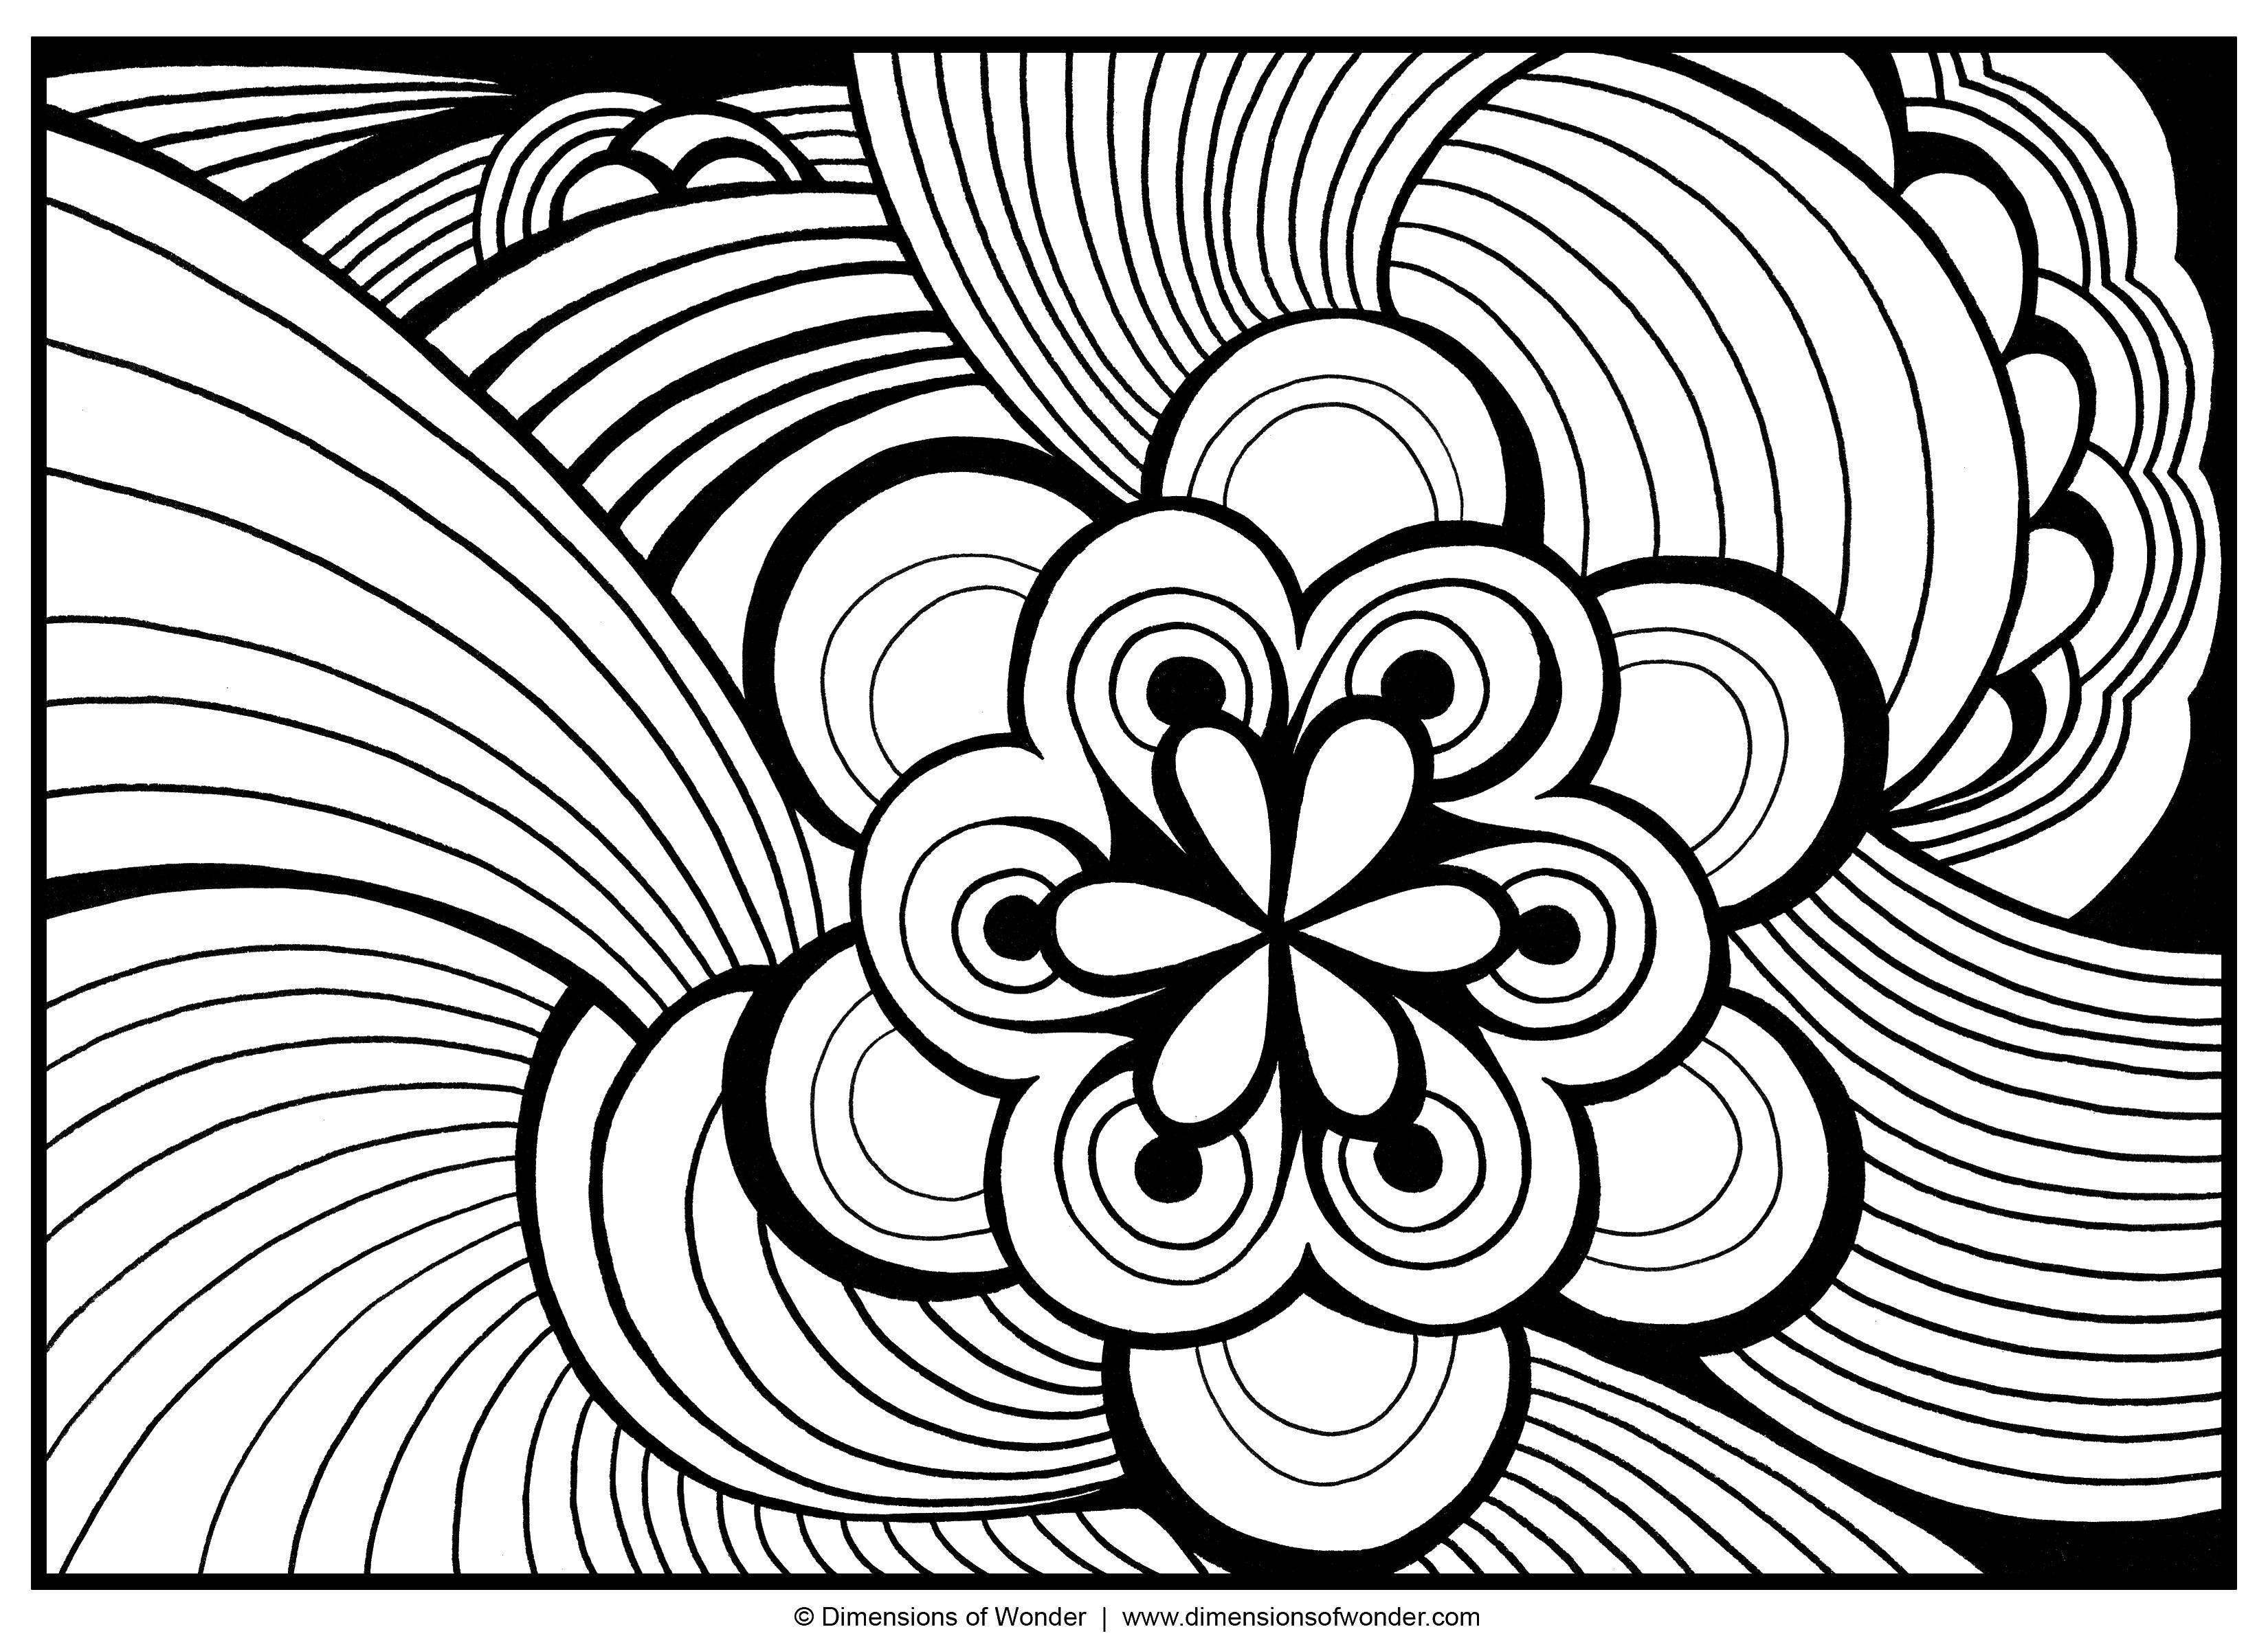 Успокаивающие раскраски для взрослых. Арт-терапия в раскрасках абстракций.  Раскраски для взрослых, помогающие успокоить нервы. Арт-терапия. Раскраски с арт-терапией, узорами, абстракцями. Расслабляющие раскраски - абстракции.